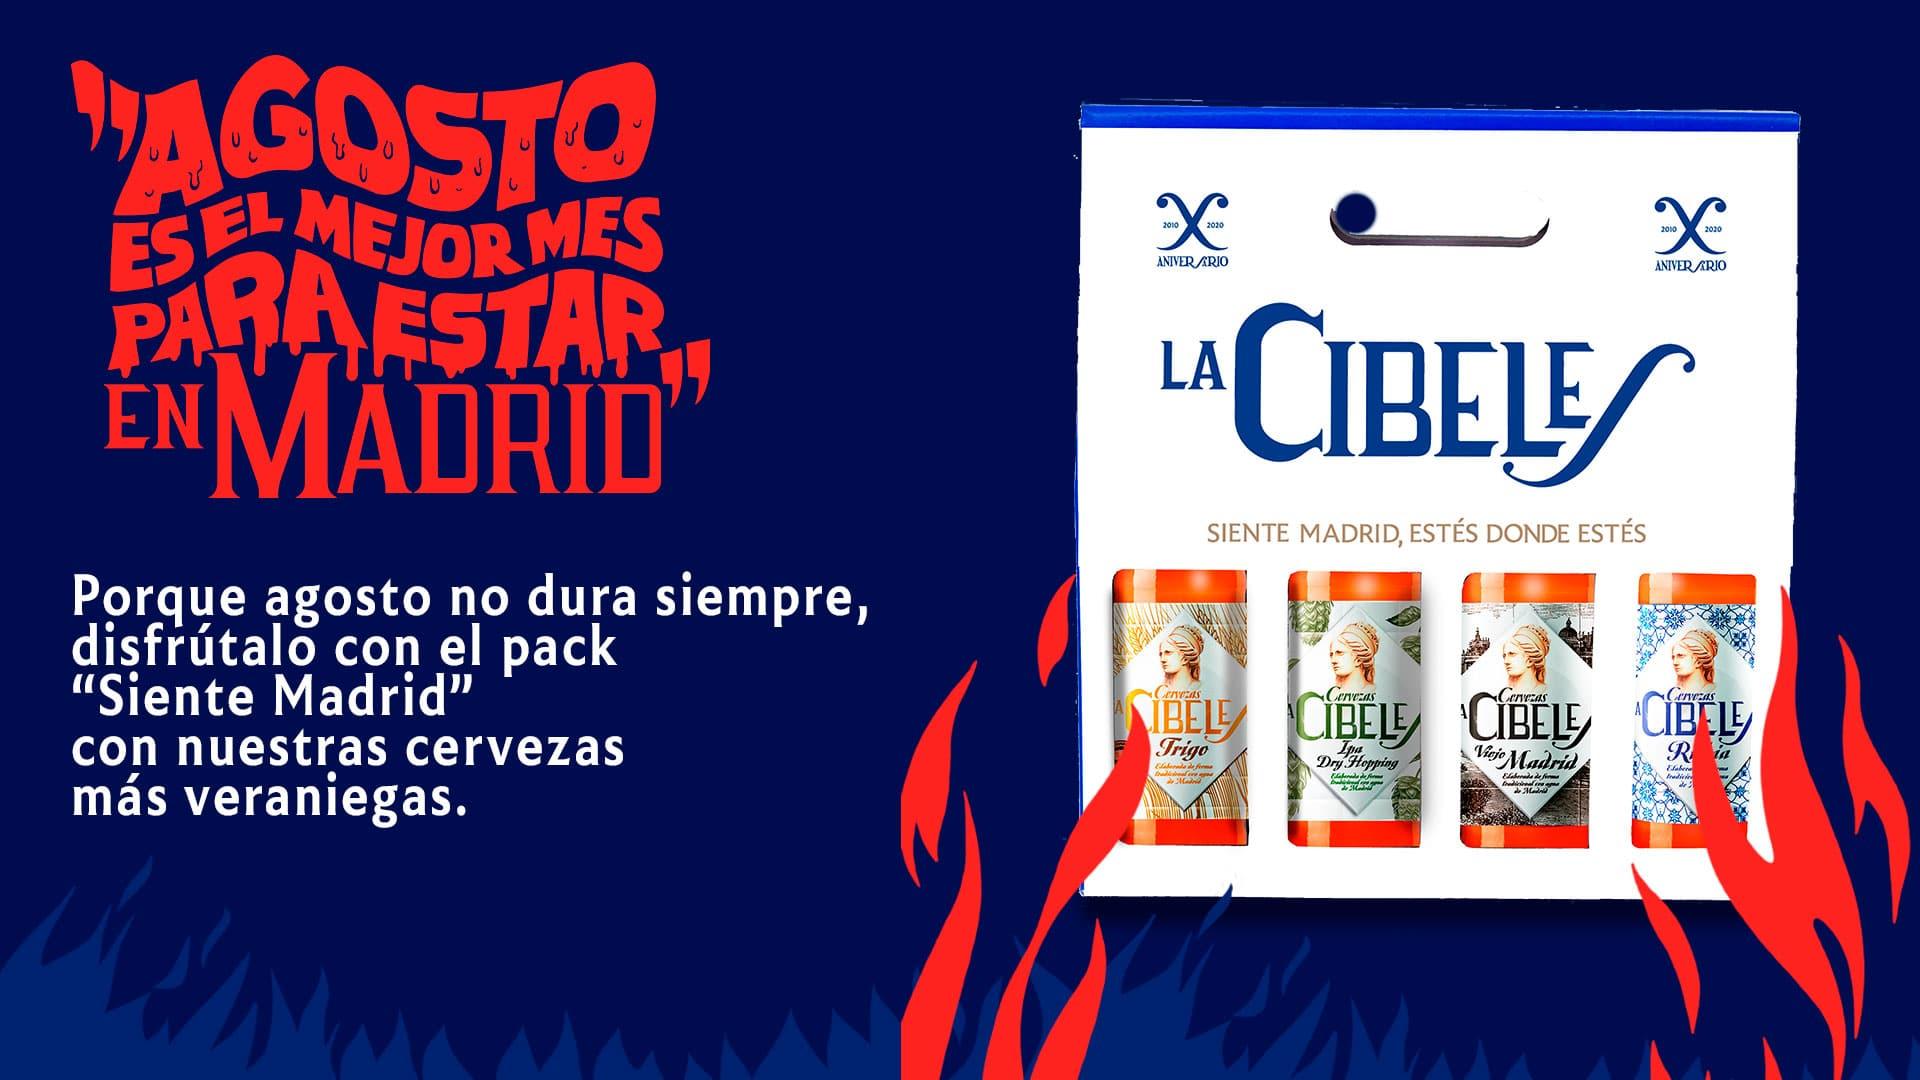 Pack Siente Madrid La Cibeles